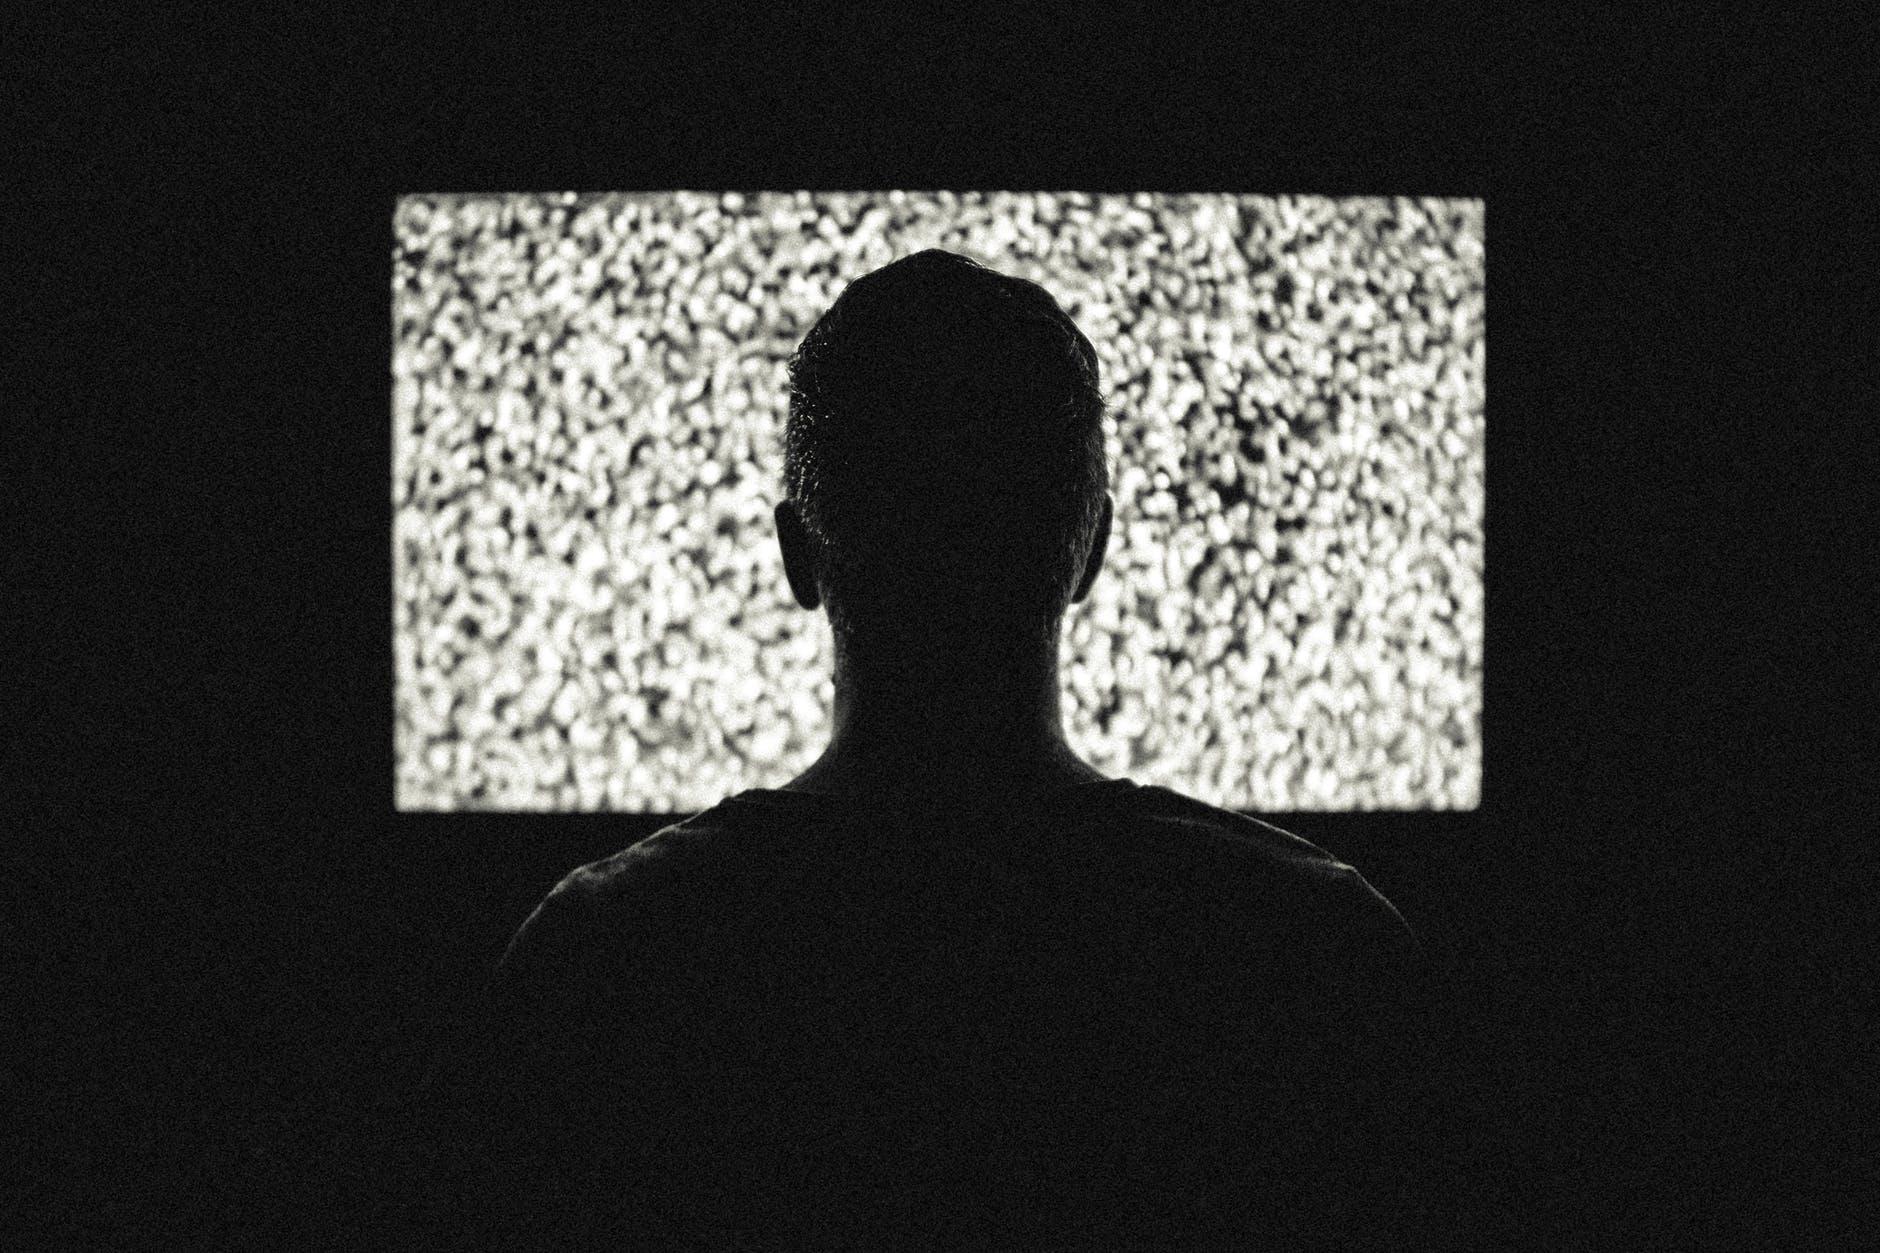 reclamele la tv se aud prea tare